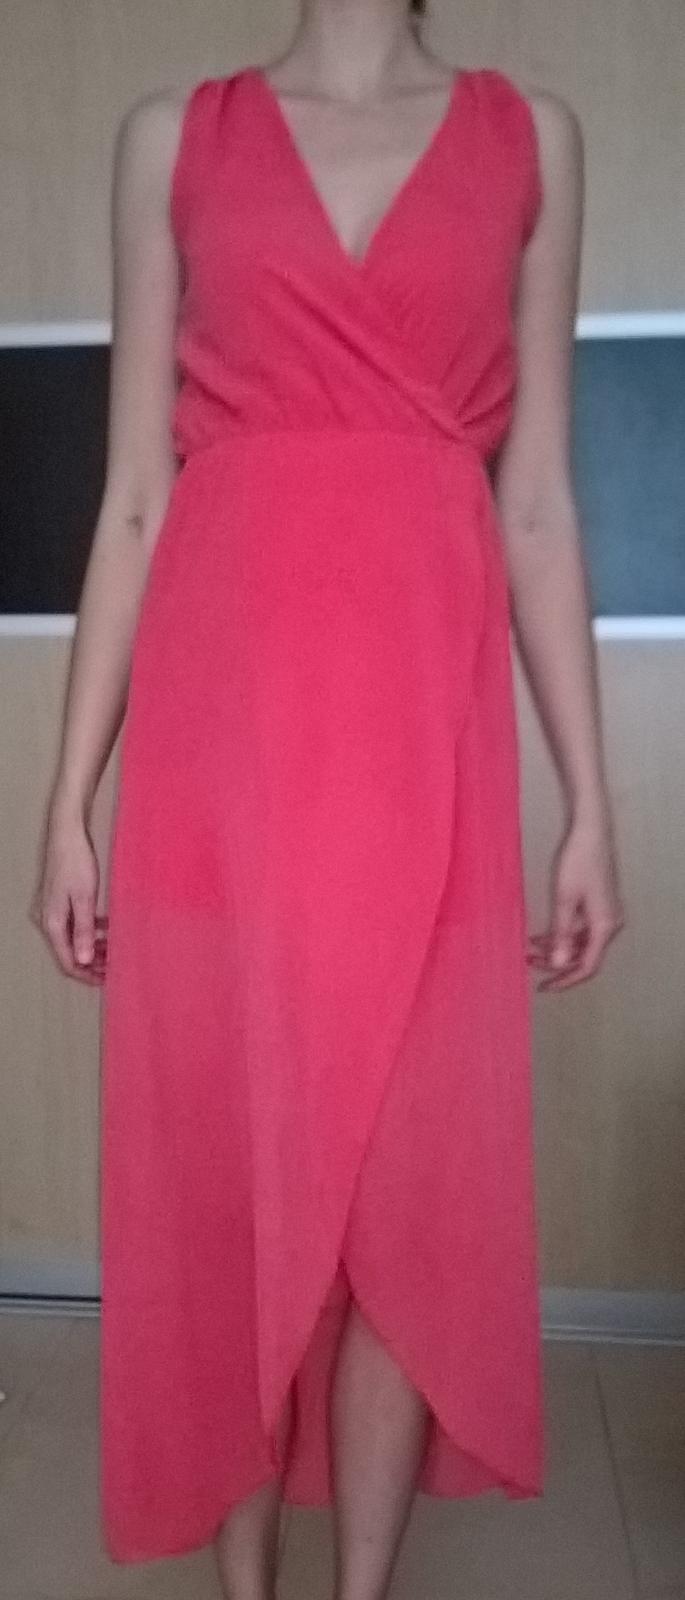 Marhuľkové spoločenské šaty č.36 - 38 - Obrázok č. 2